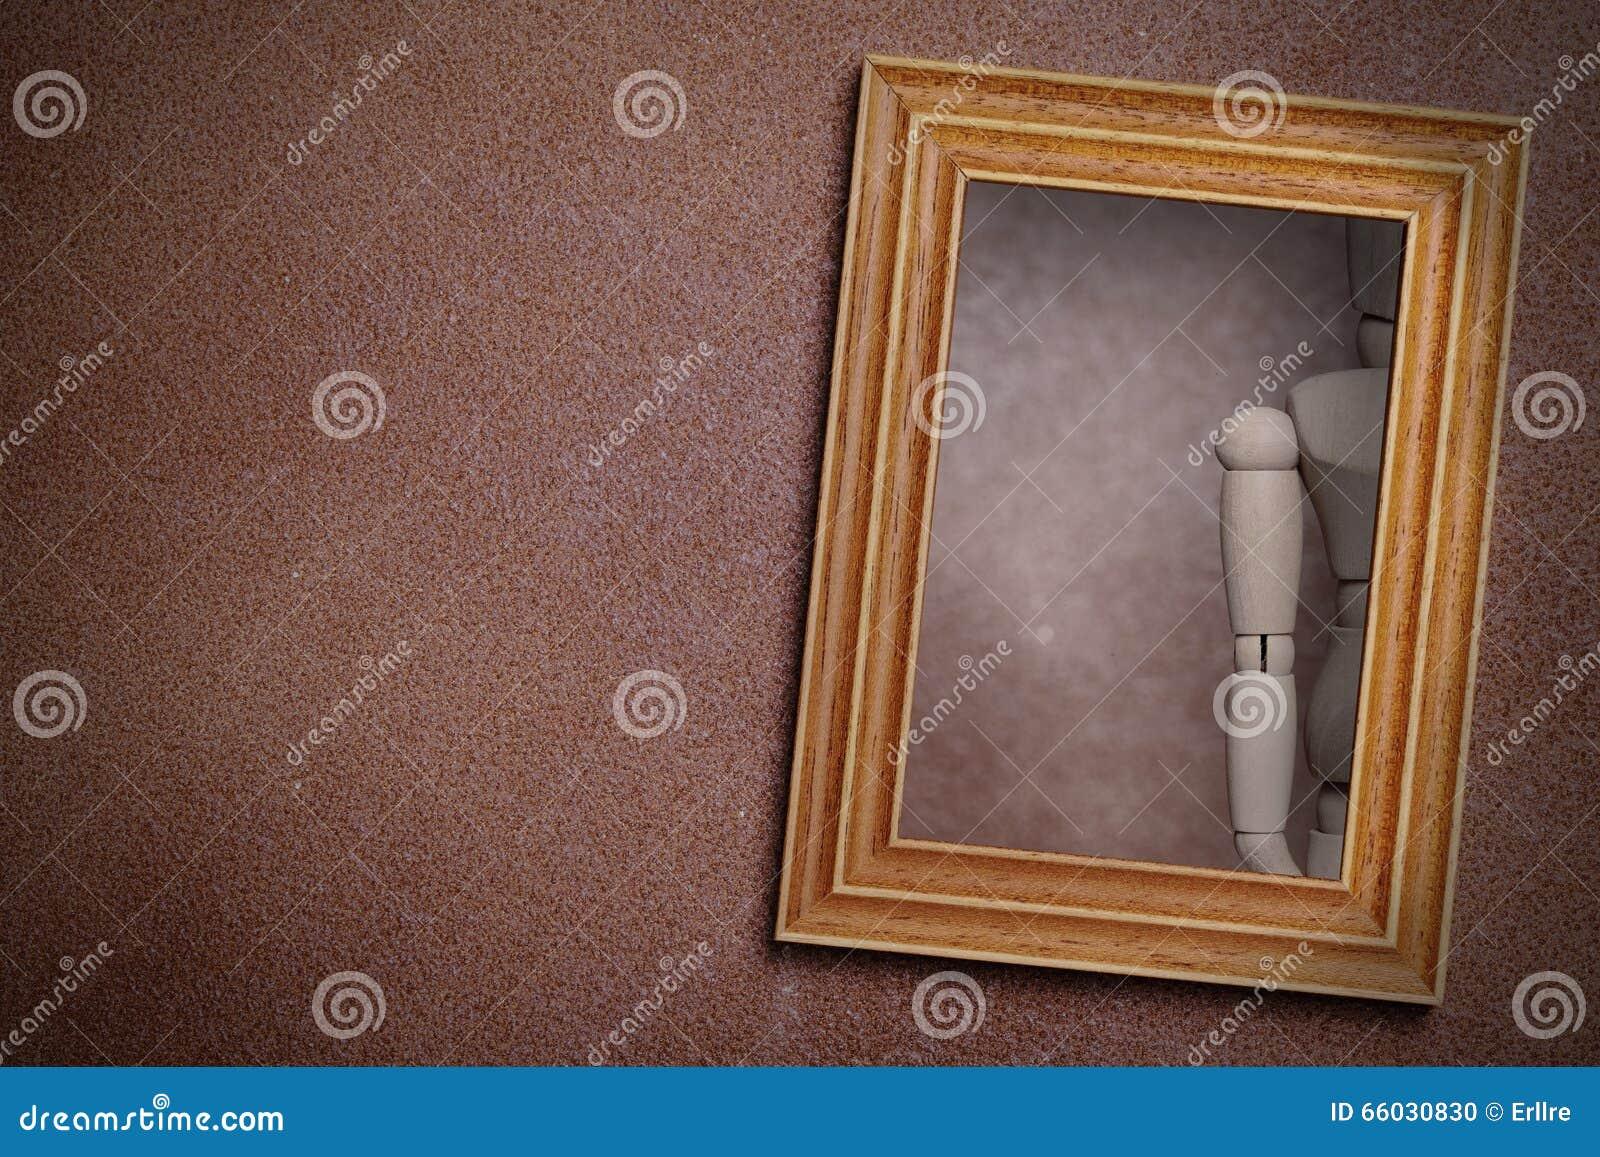 Reflexión Del Maniquí De Madera En Espejo Enmarcado Stock de ...